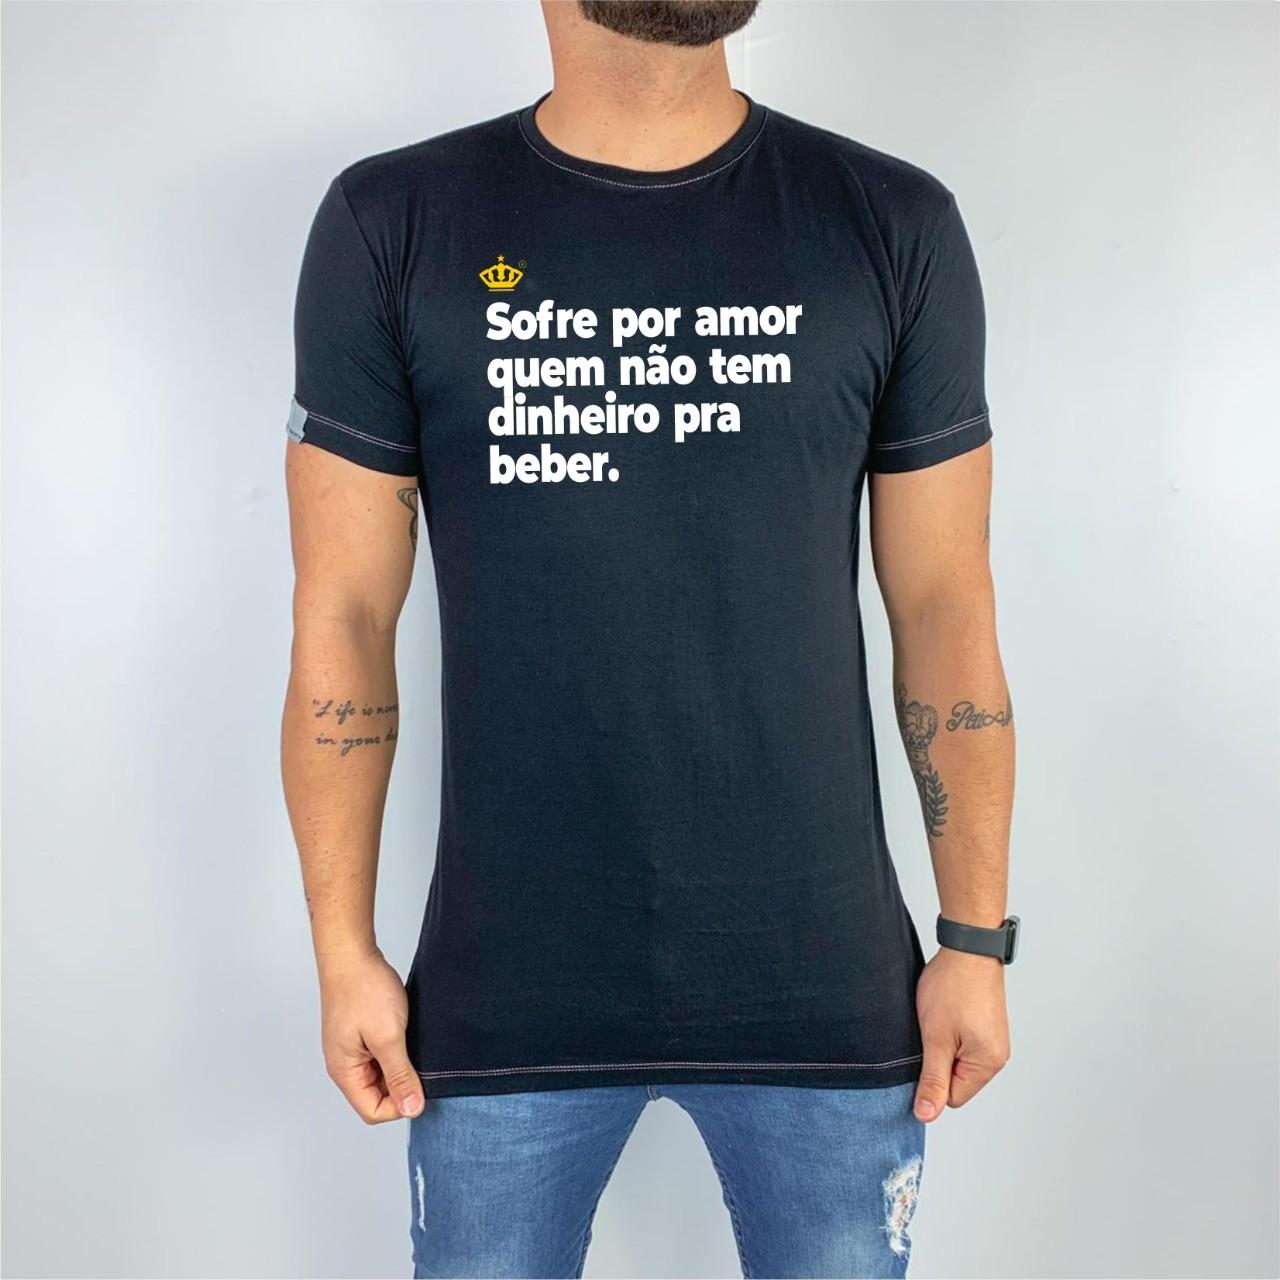 Camiseta Sofre por amor quem não tem dinheiro pra beber